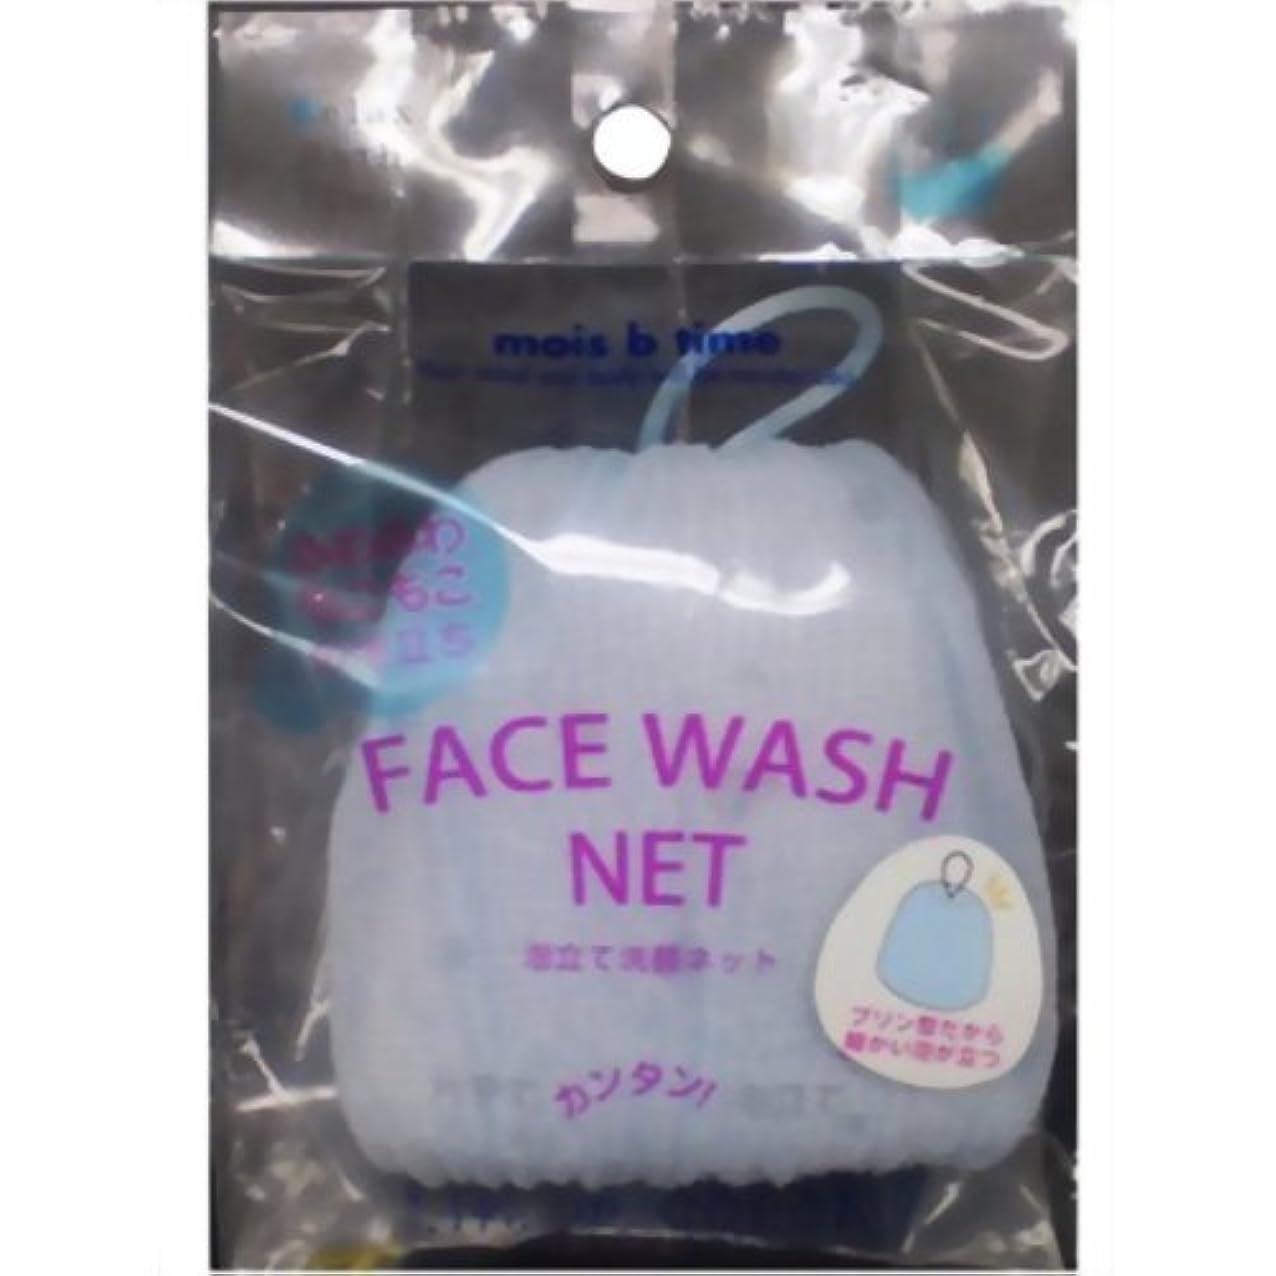 人差し指飛び込む究極のモイスビータイム 泡立て洗顔ネット(ブルー)